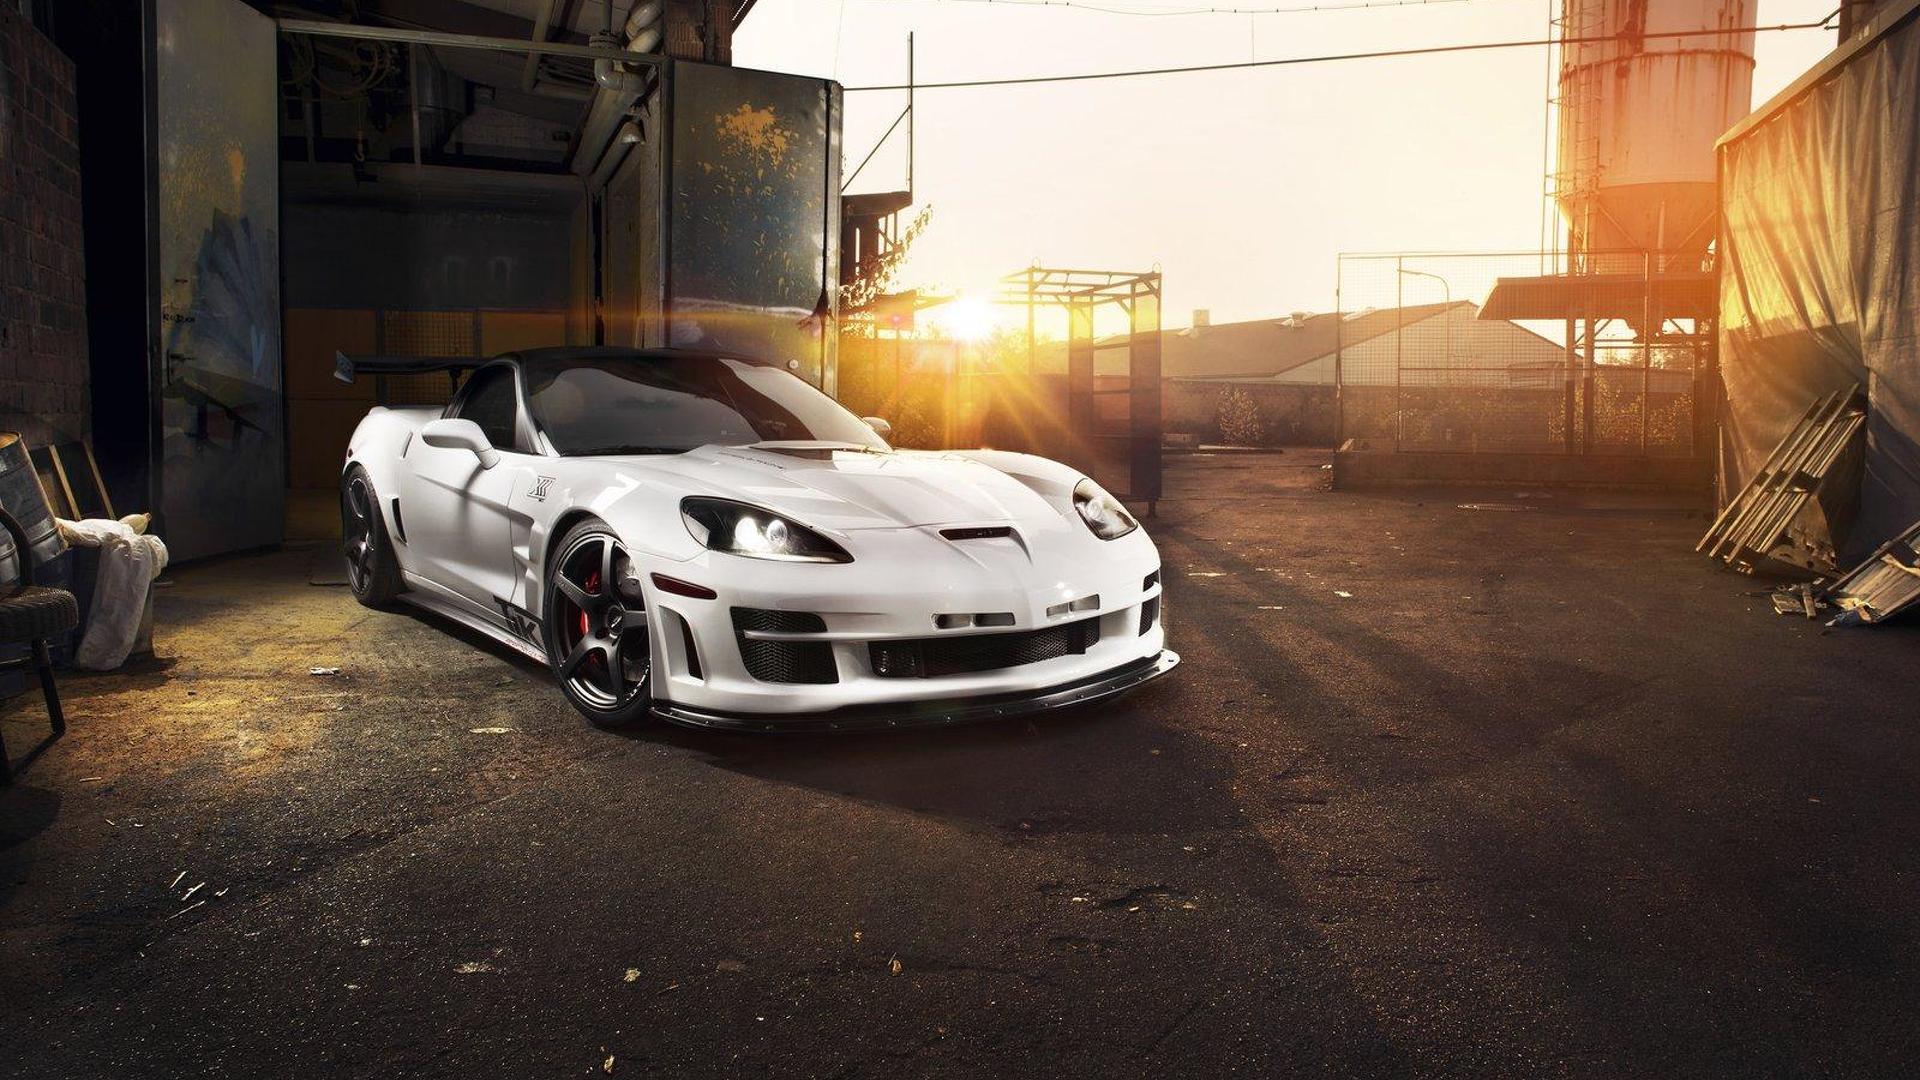 TIKT Tripple X based on Corvette C6 ZR1 makes 769 HP